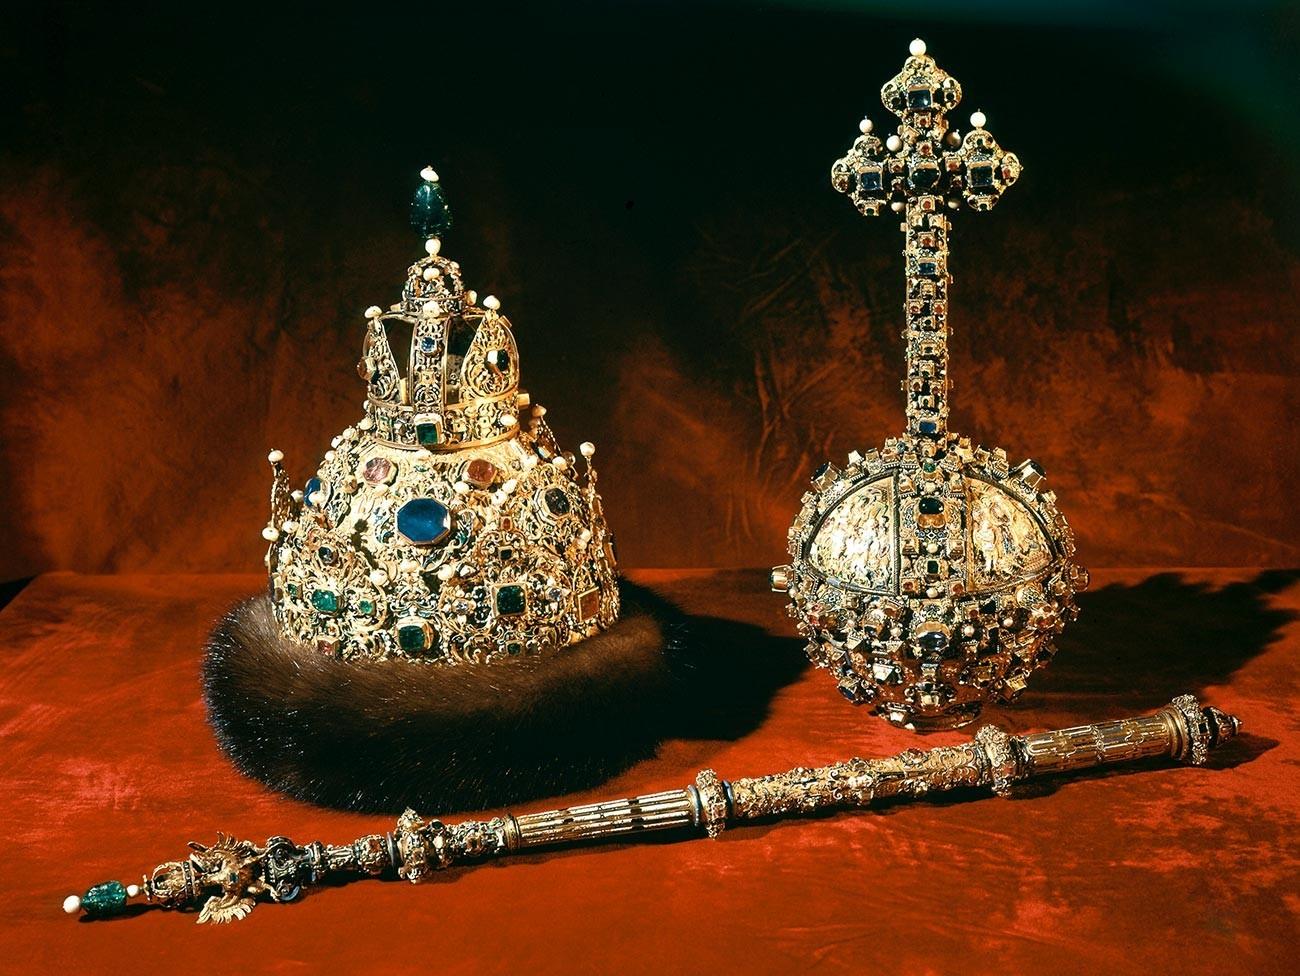 Ruske carske regalije: krona, žezlo in krogla